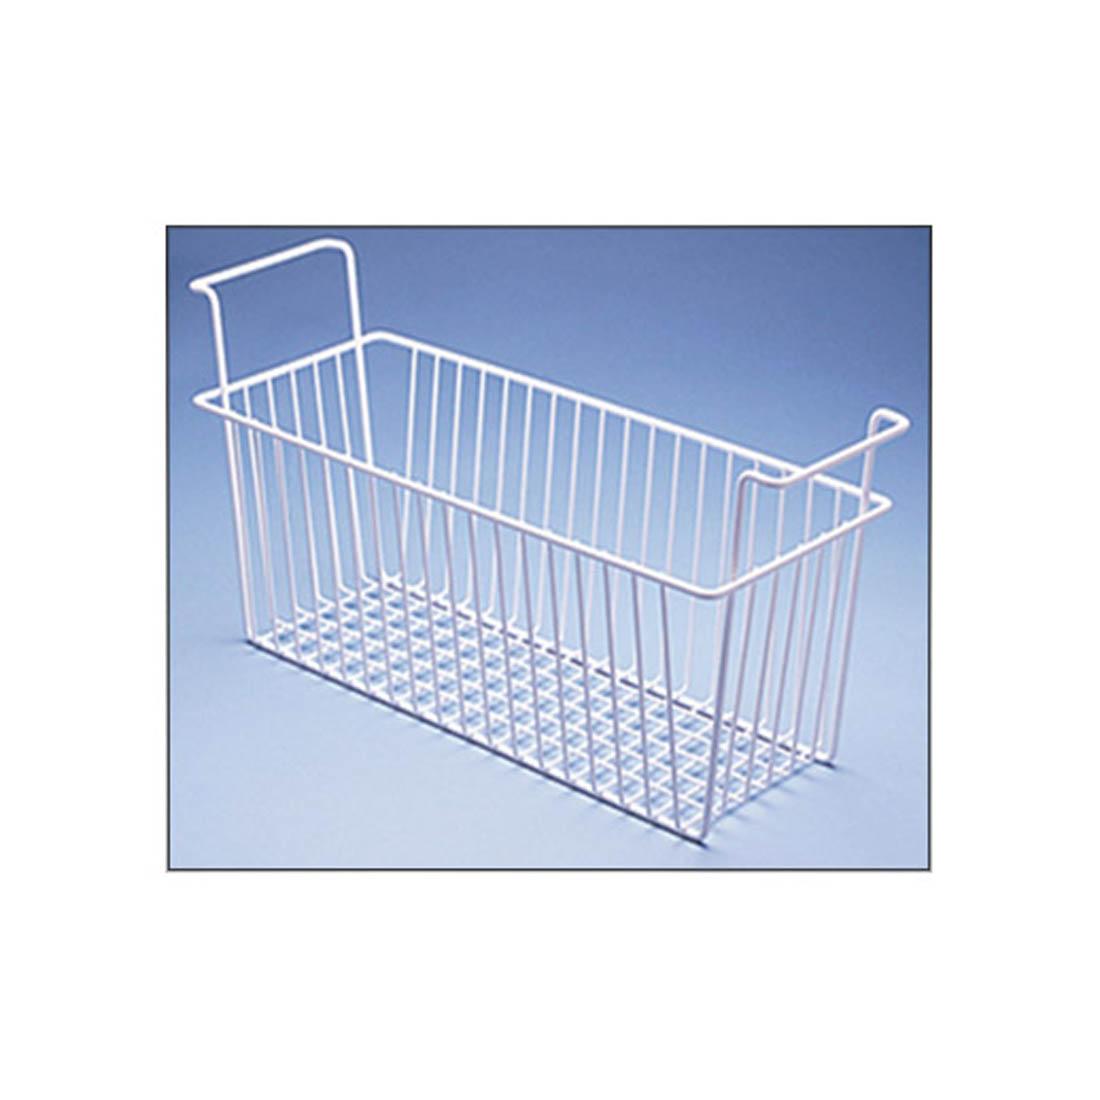 BD768F-BASKET Basket for BD768F Chest Freezer